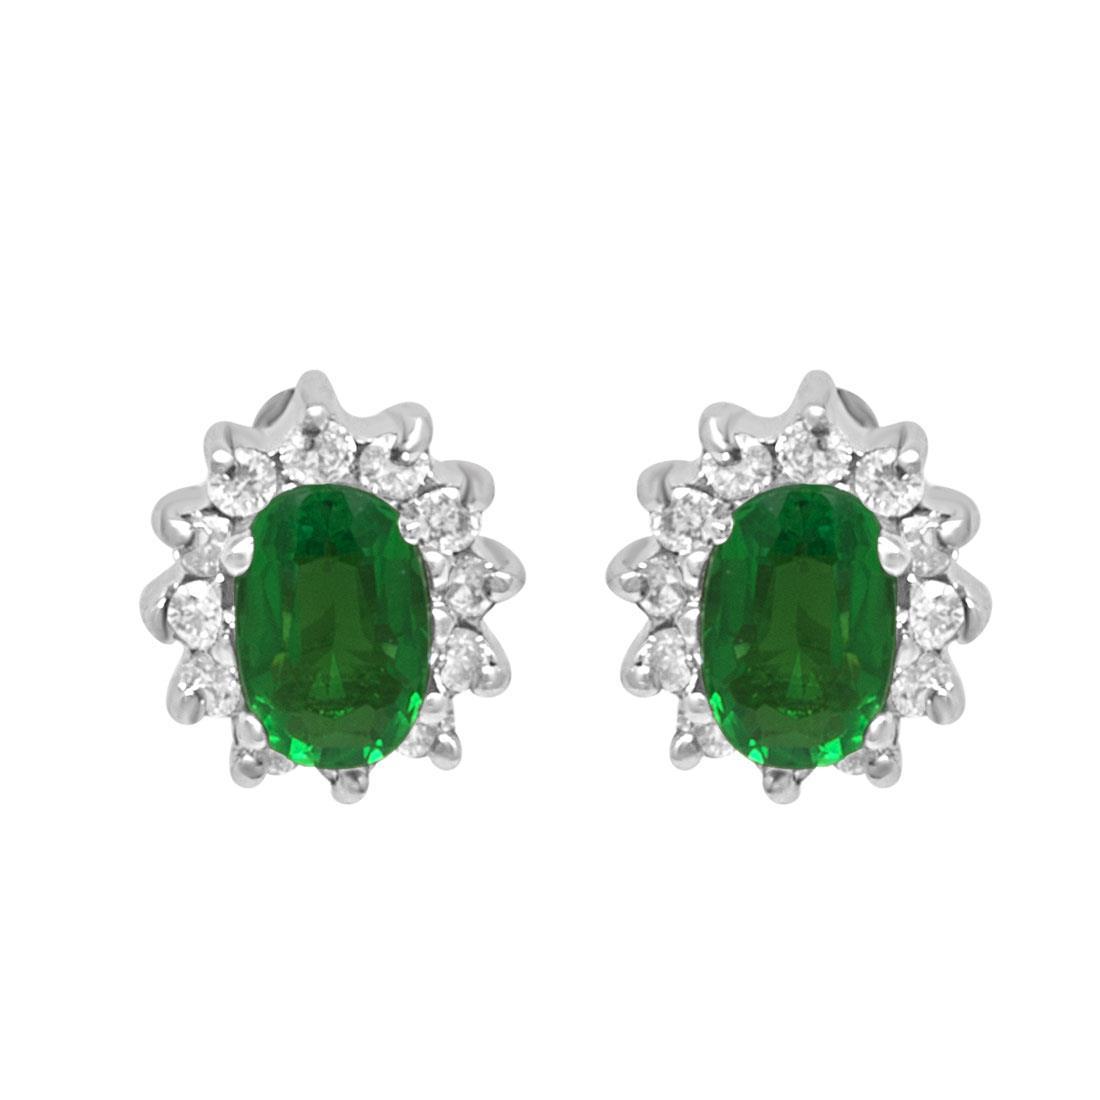 Orecchini in oro bianco con smeraldo ct 0.80 e diamanti ct 0.30 - ORO&CO